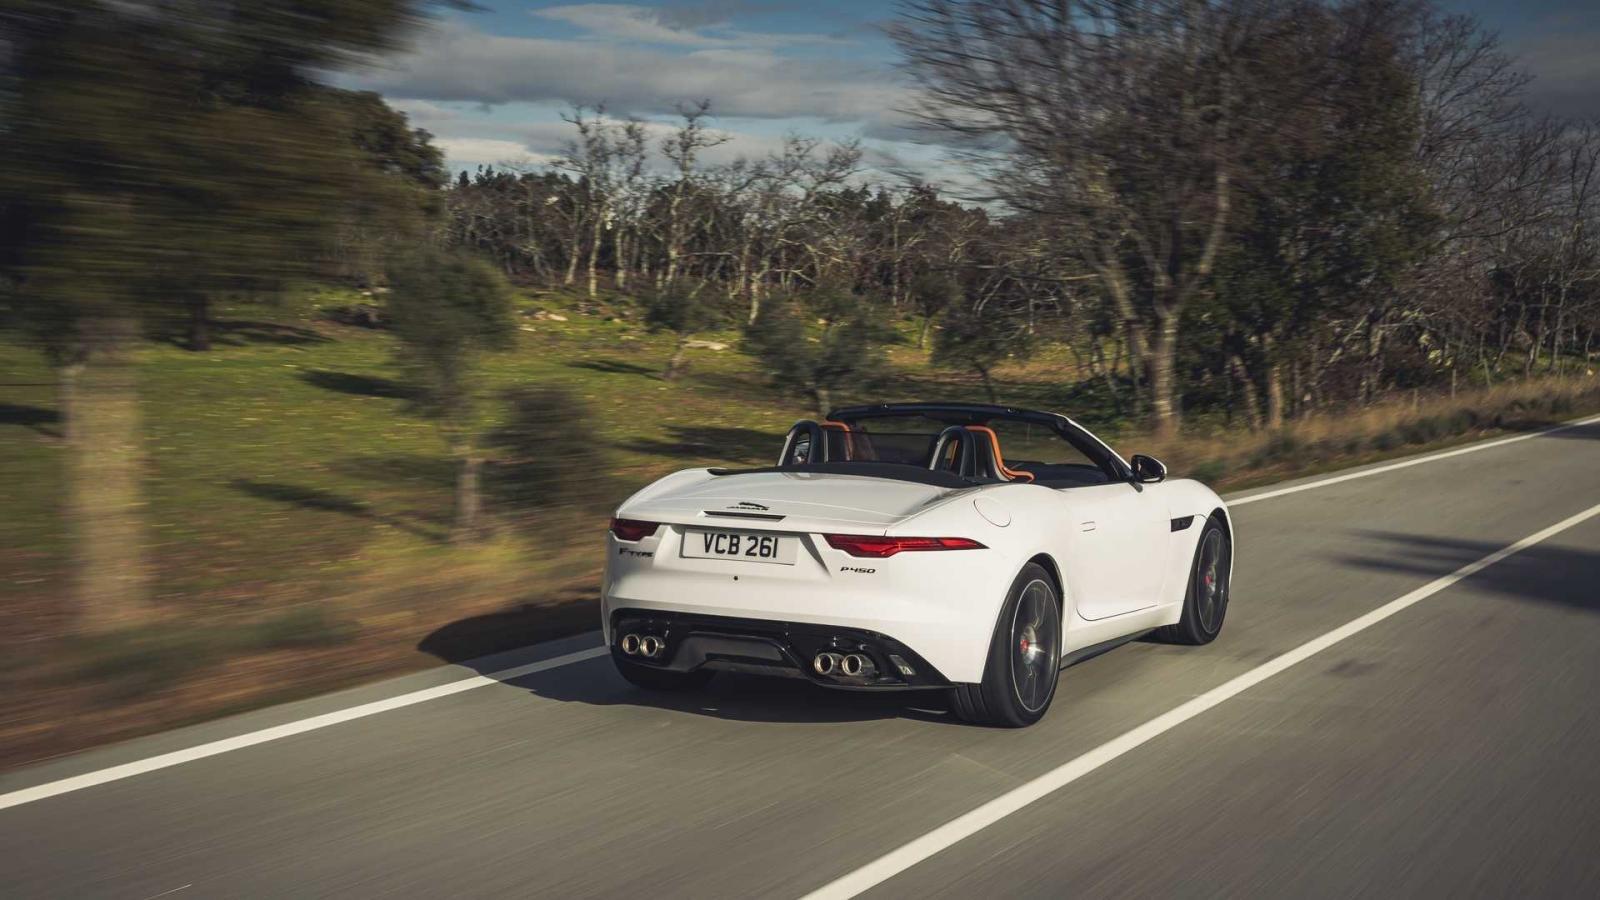 Jaguar F-Type 2022 chỉ trang bị động cơ V8 mạnh mẽ.